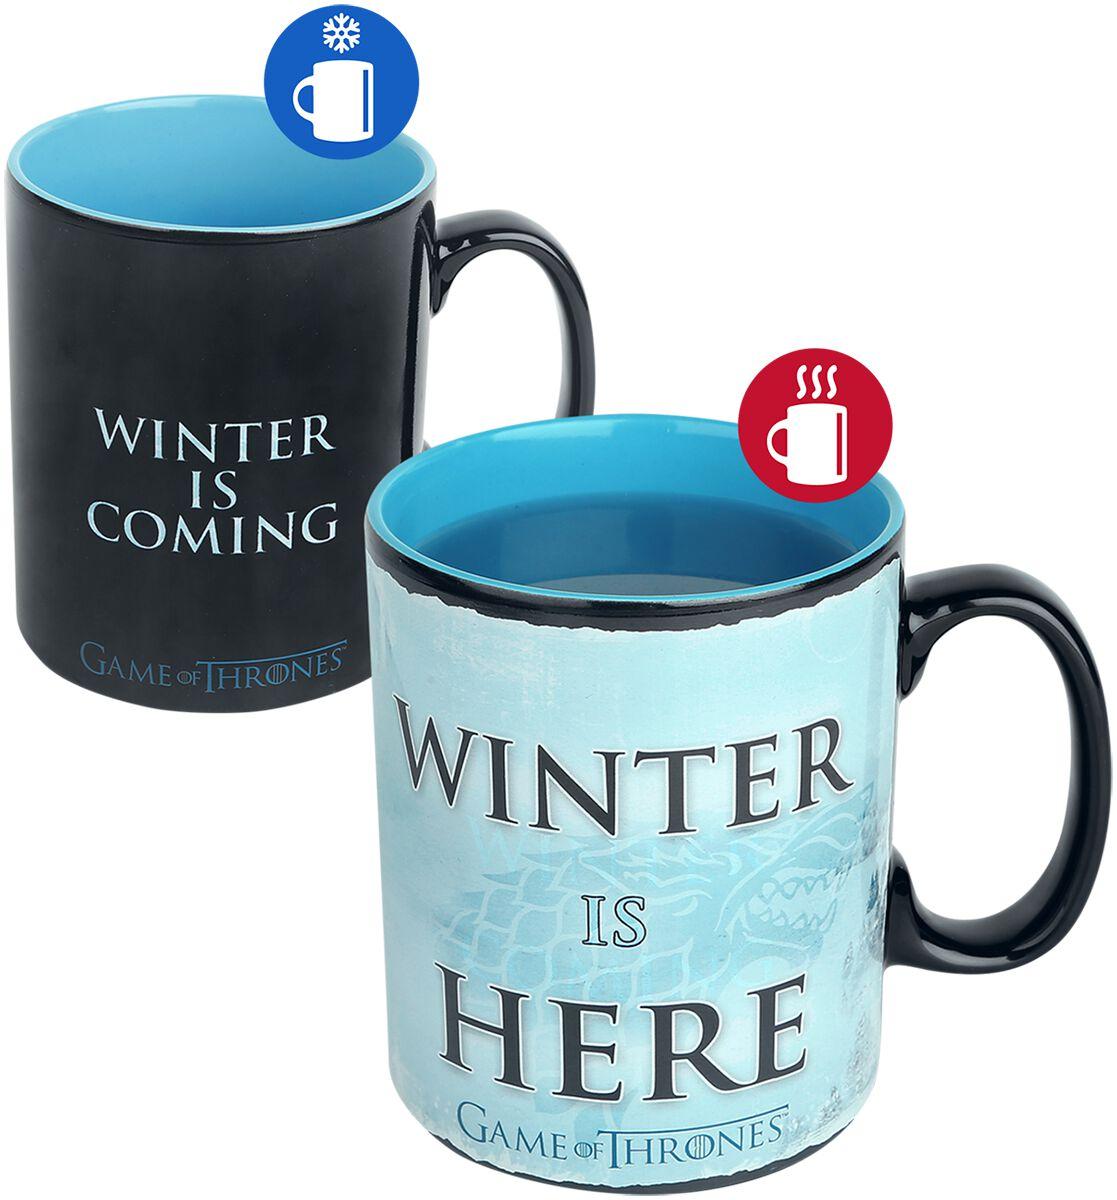 Winter Is Here Taza Efecto Térmico Juego De Tronos Taza Emp